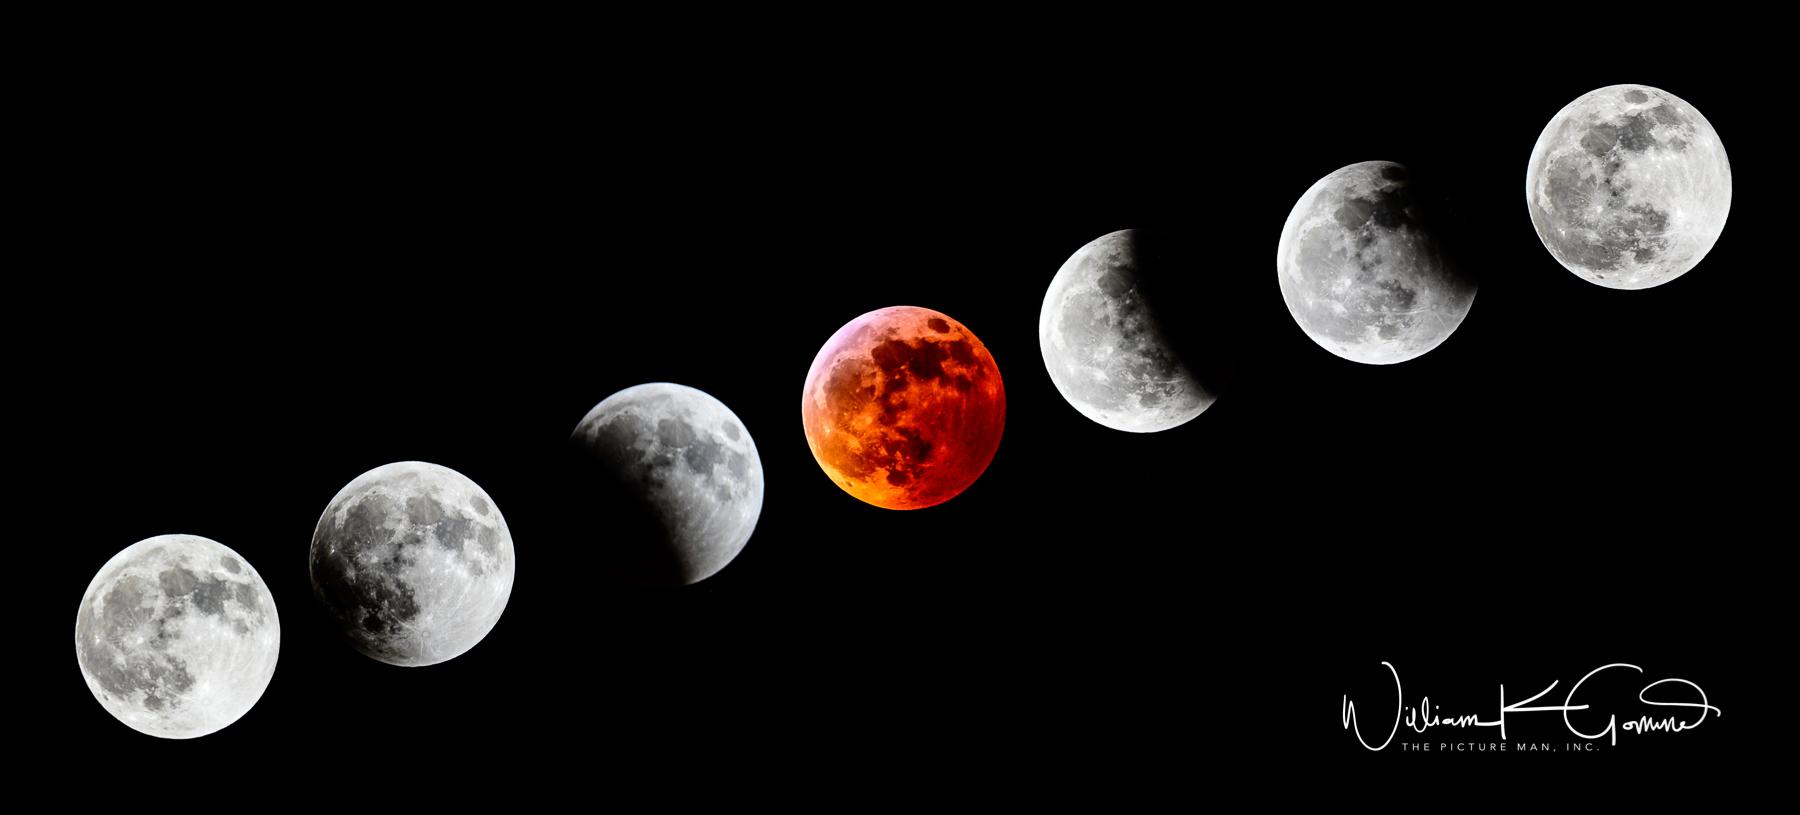 Eclipse composite__6NZ0139.jpg